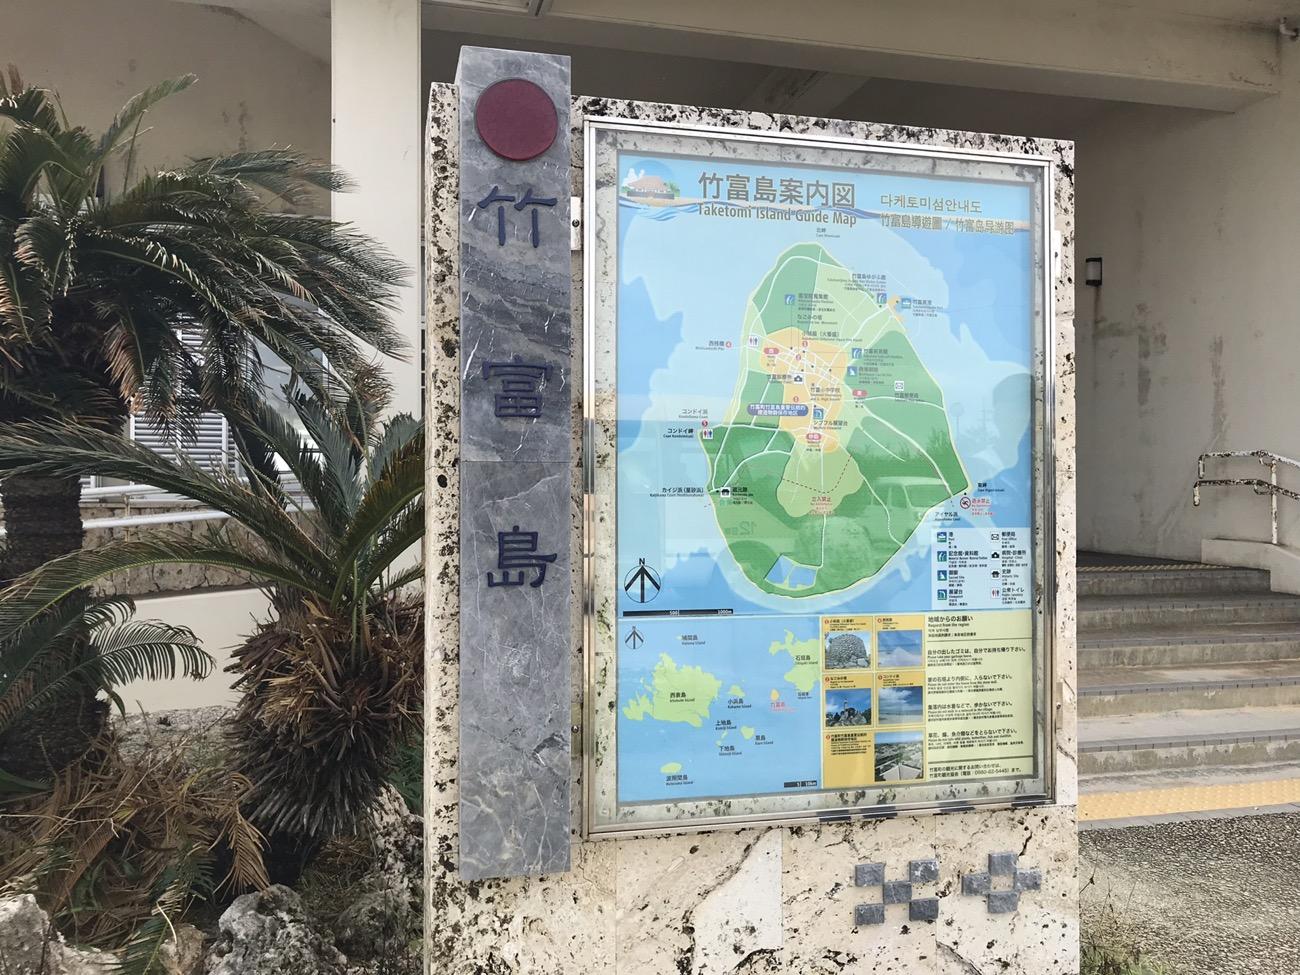 竹富島観光マップ